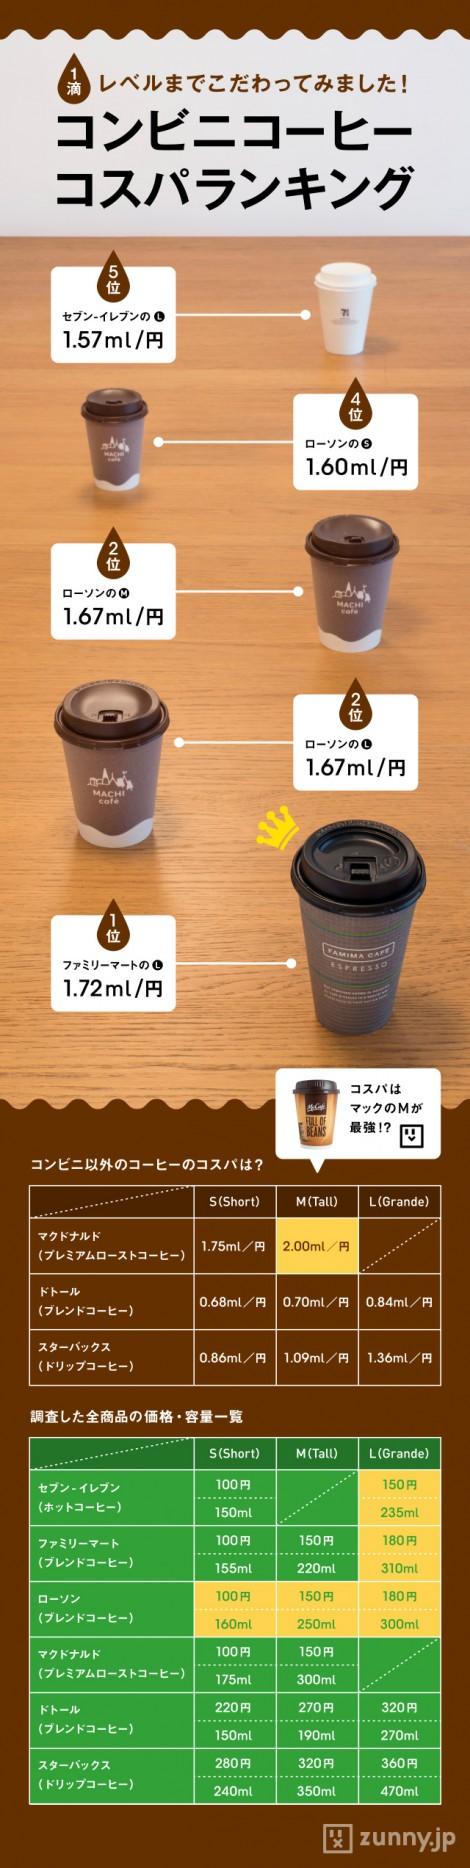 コンビニコーヒー コスパ最強はどこ Zunny コンビニ コーヒー コーヒー 料理 レシピ